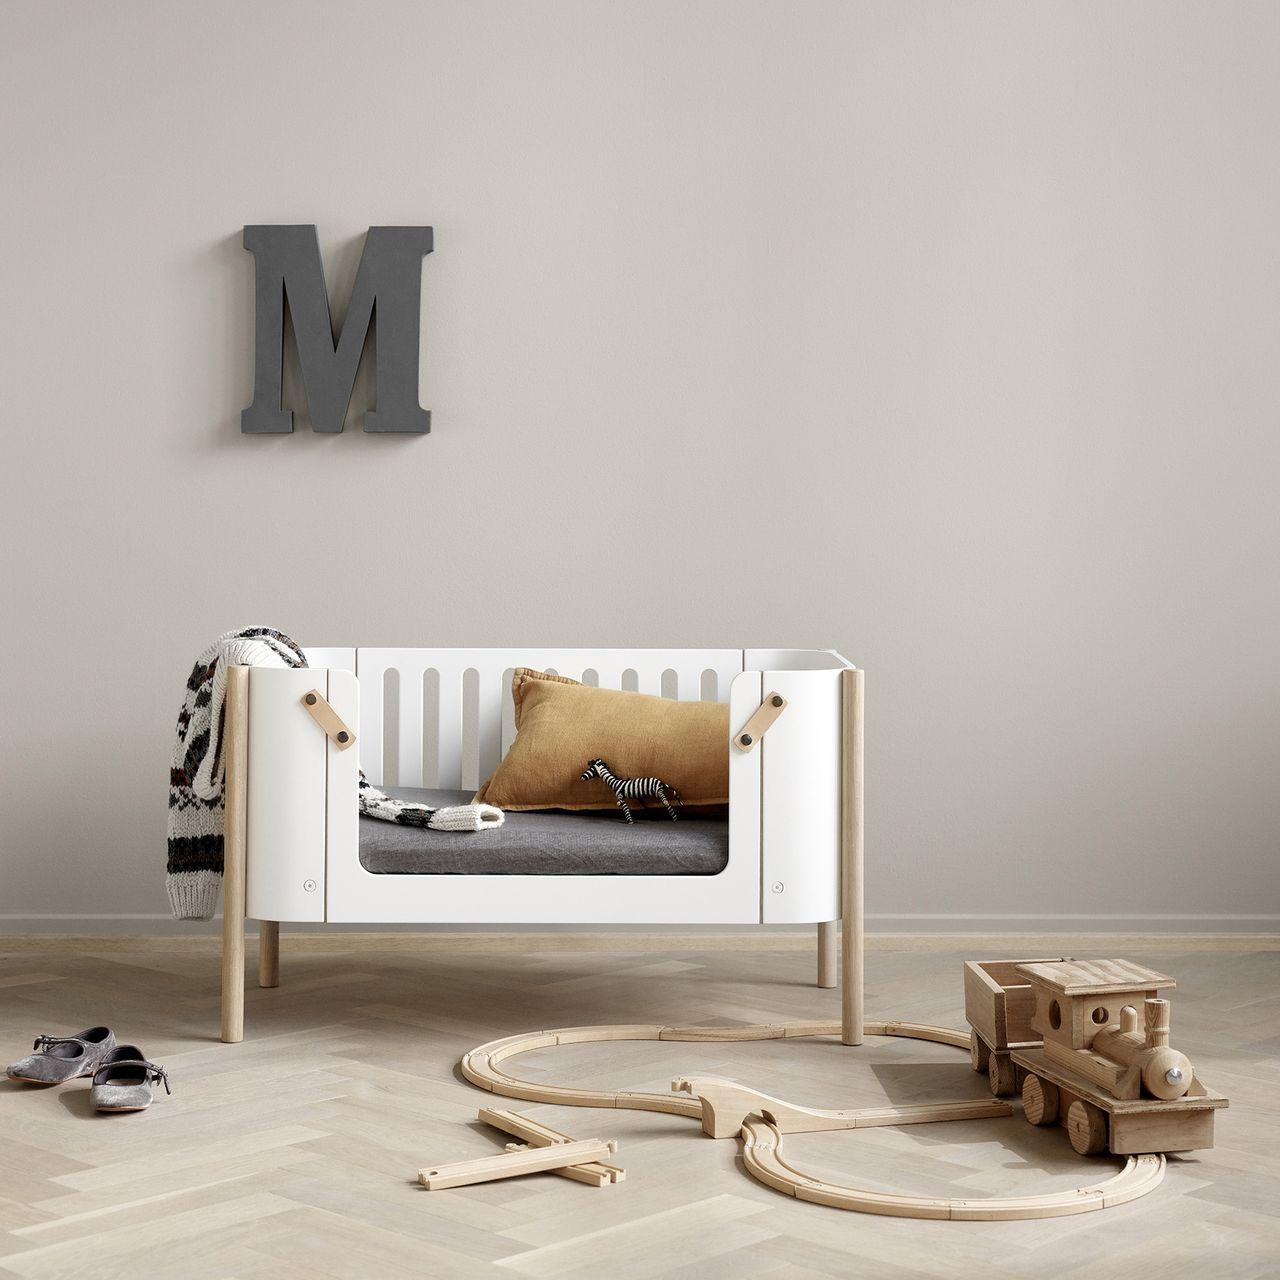 Oliver Furniture Beistellbett inkl. Umbauset zum Kindersofa in Berlin kaufen - Kleine Fabriek